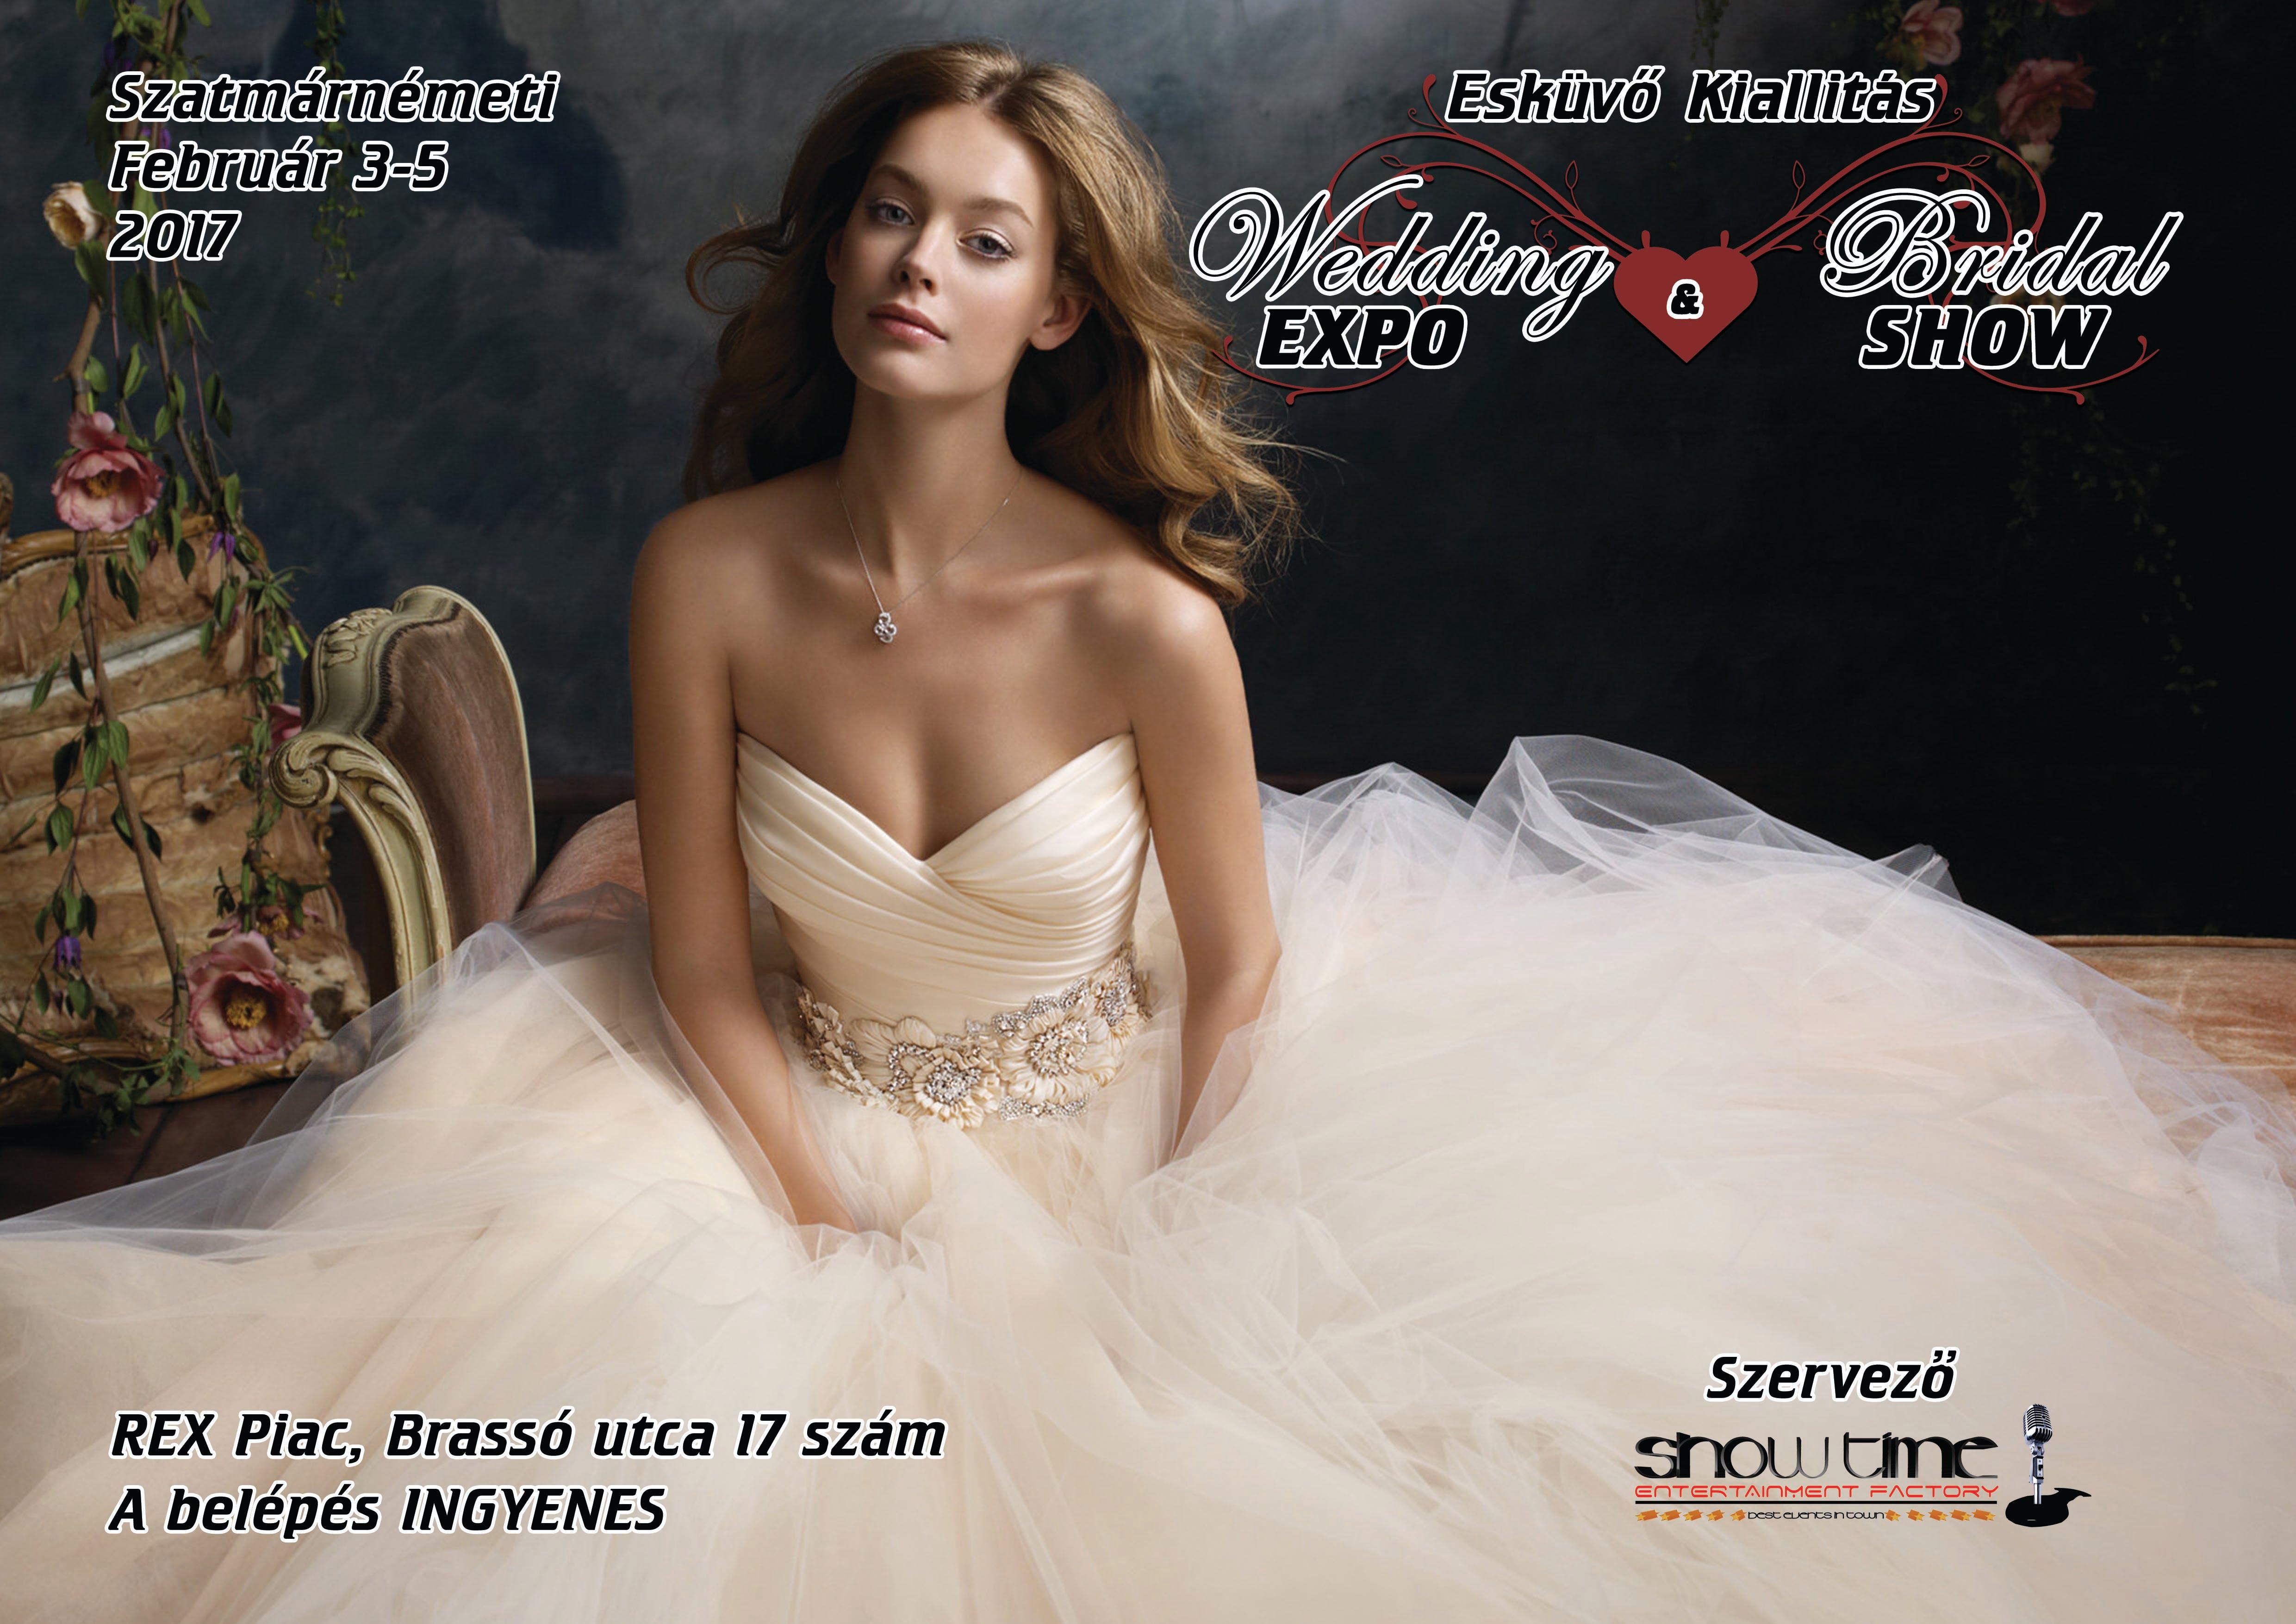 Esküvőre készülsz? A Wedding EXPO & Bridal SHOW az az esküvői kiállítás, amelyről nem hiányozhatsz!